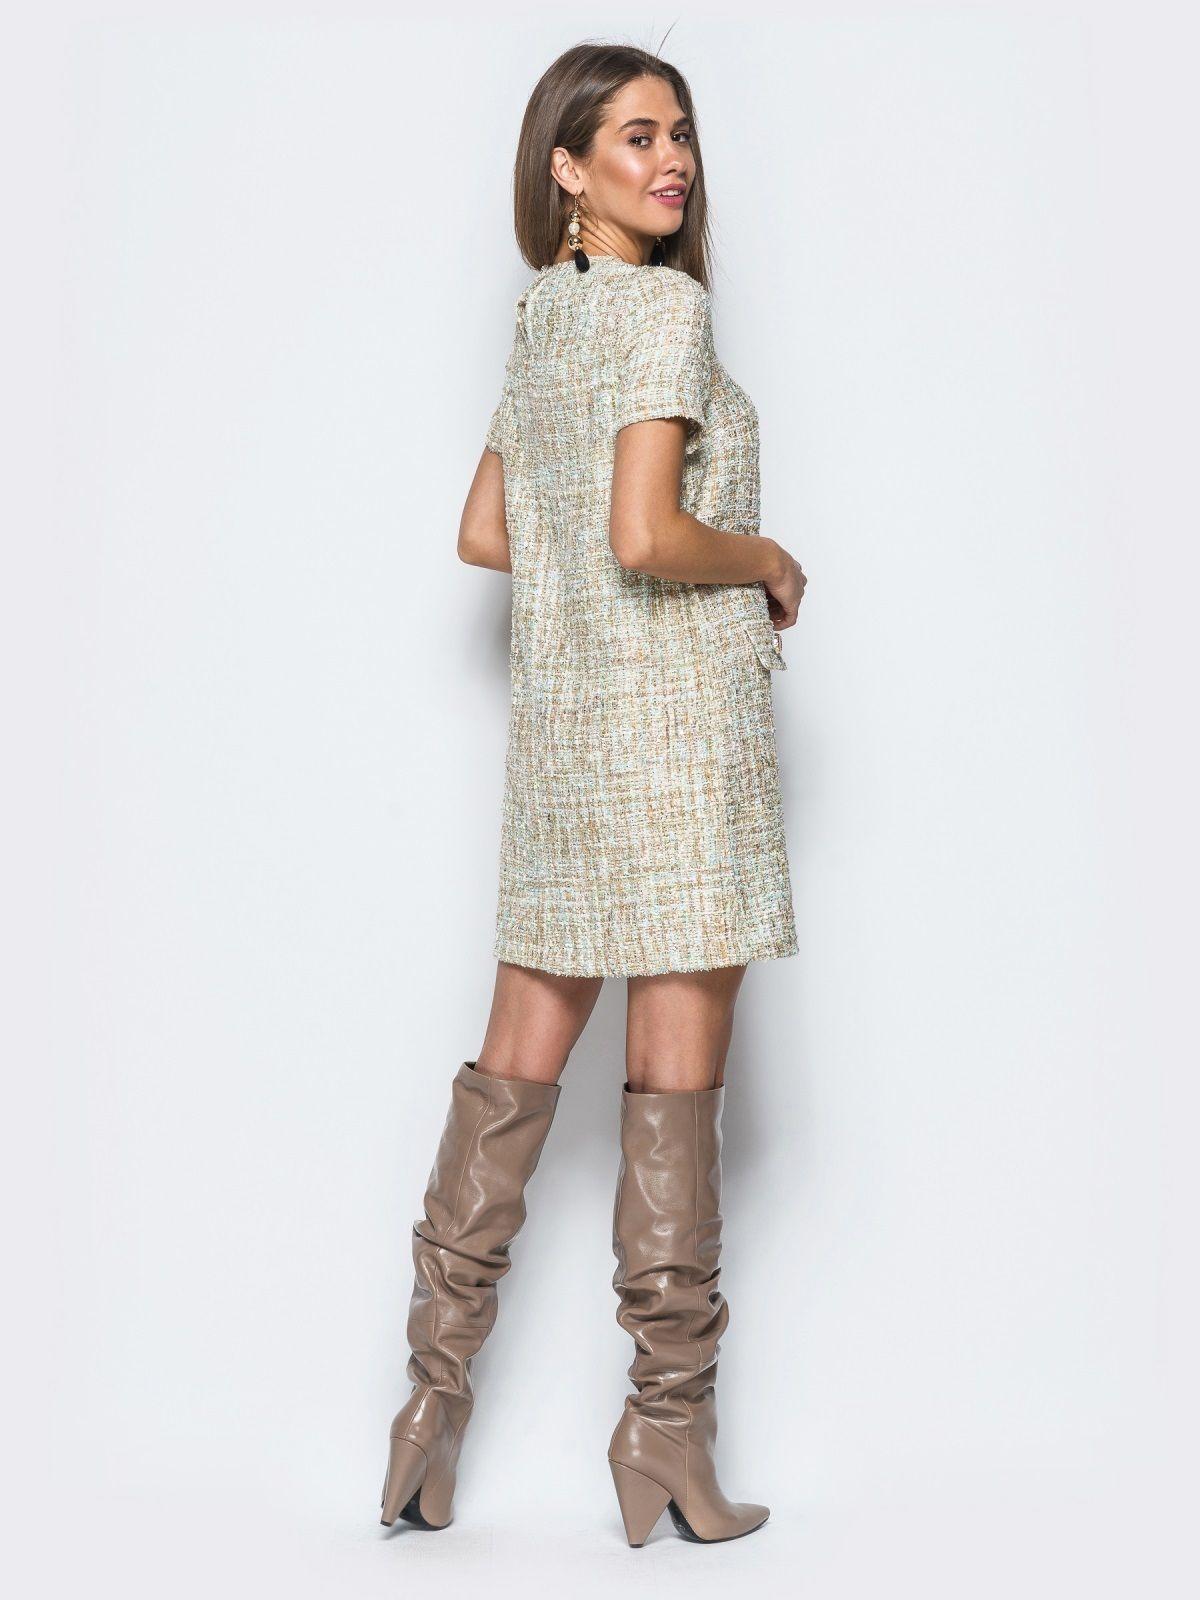 b3703bd43ba Купить платье из ткани букле недорого в интернет-магазине Платьице с  доставкой по Киеву и Украине